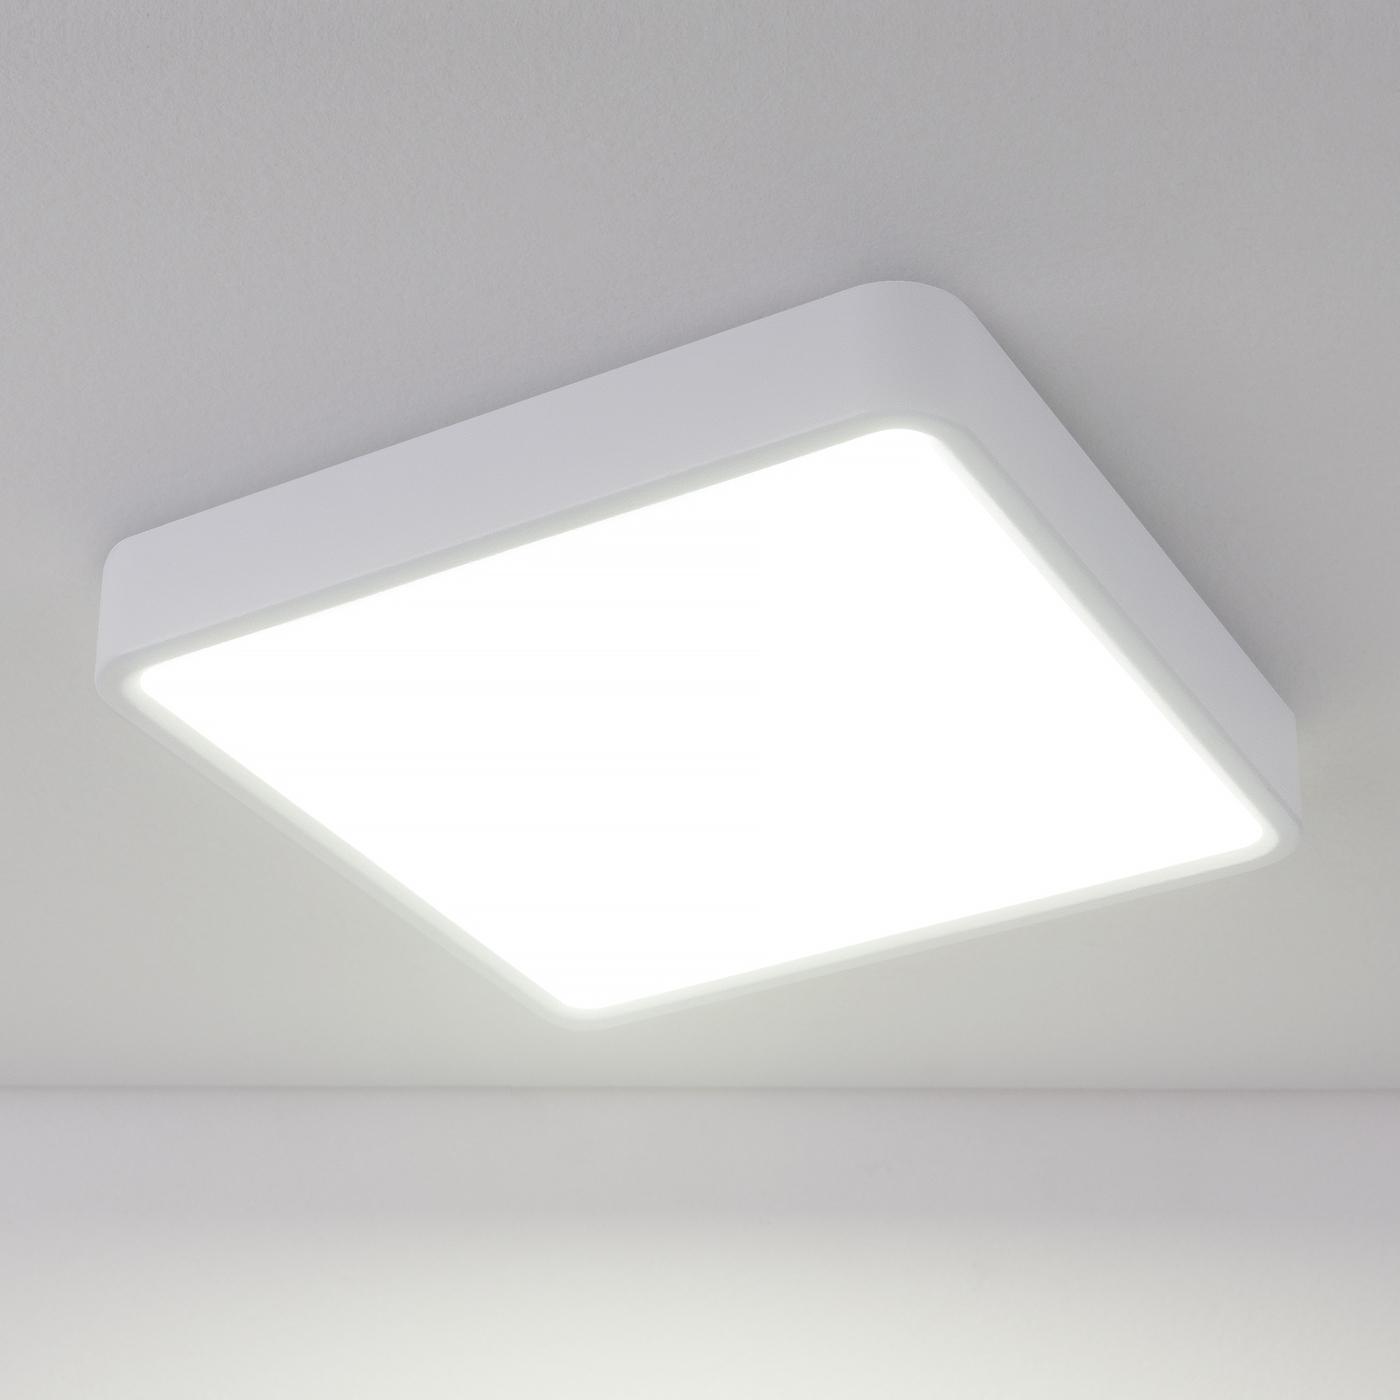 DLS034 18W 4200K/ Светильник светодиодный стационарный потолочный светильник накладной argenta 4848